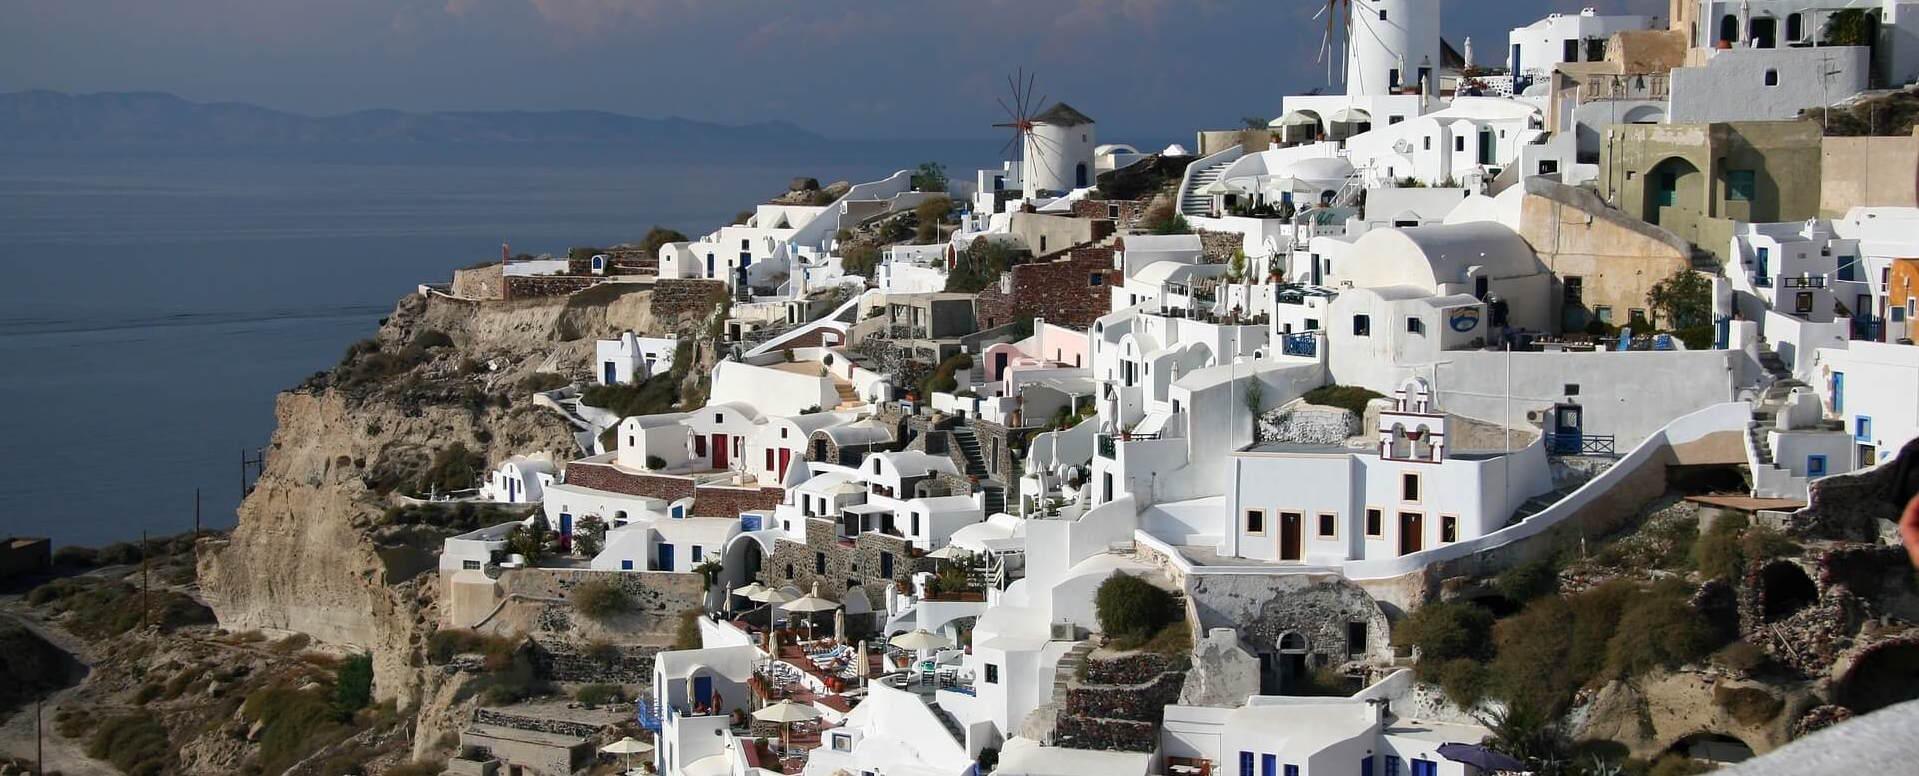 Pourquoi les maisons des Cyclades sont blanches ? - Cyclades - Autres îles